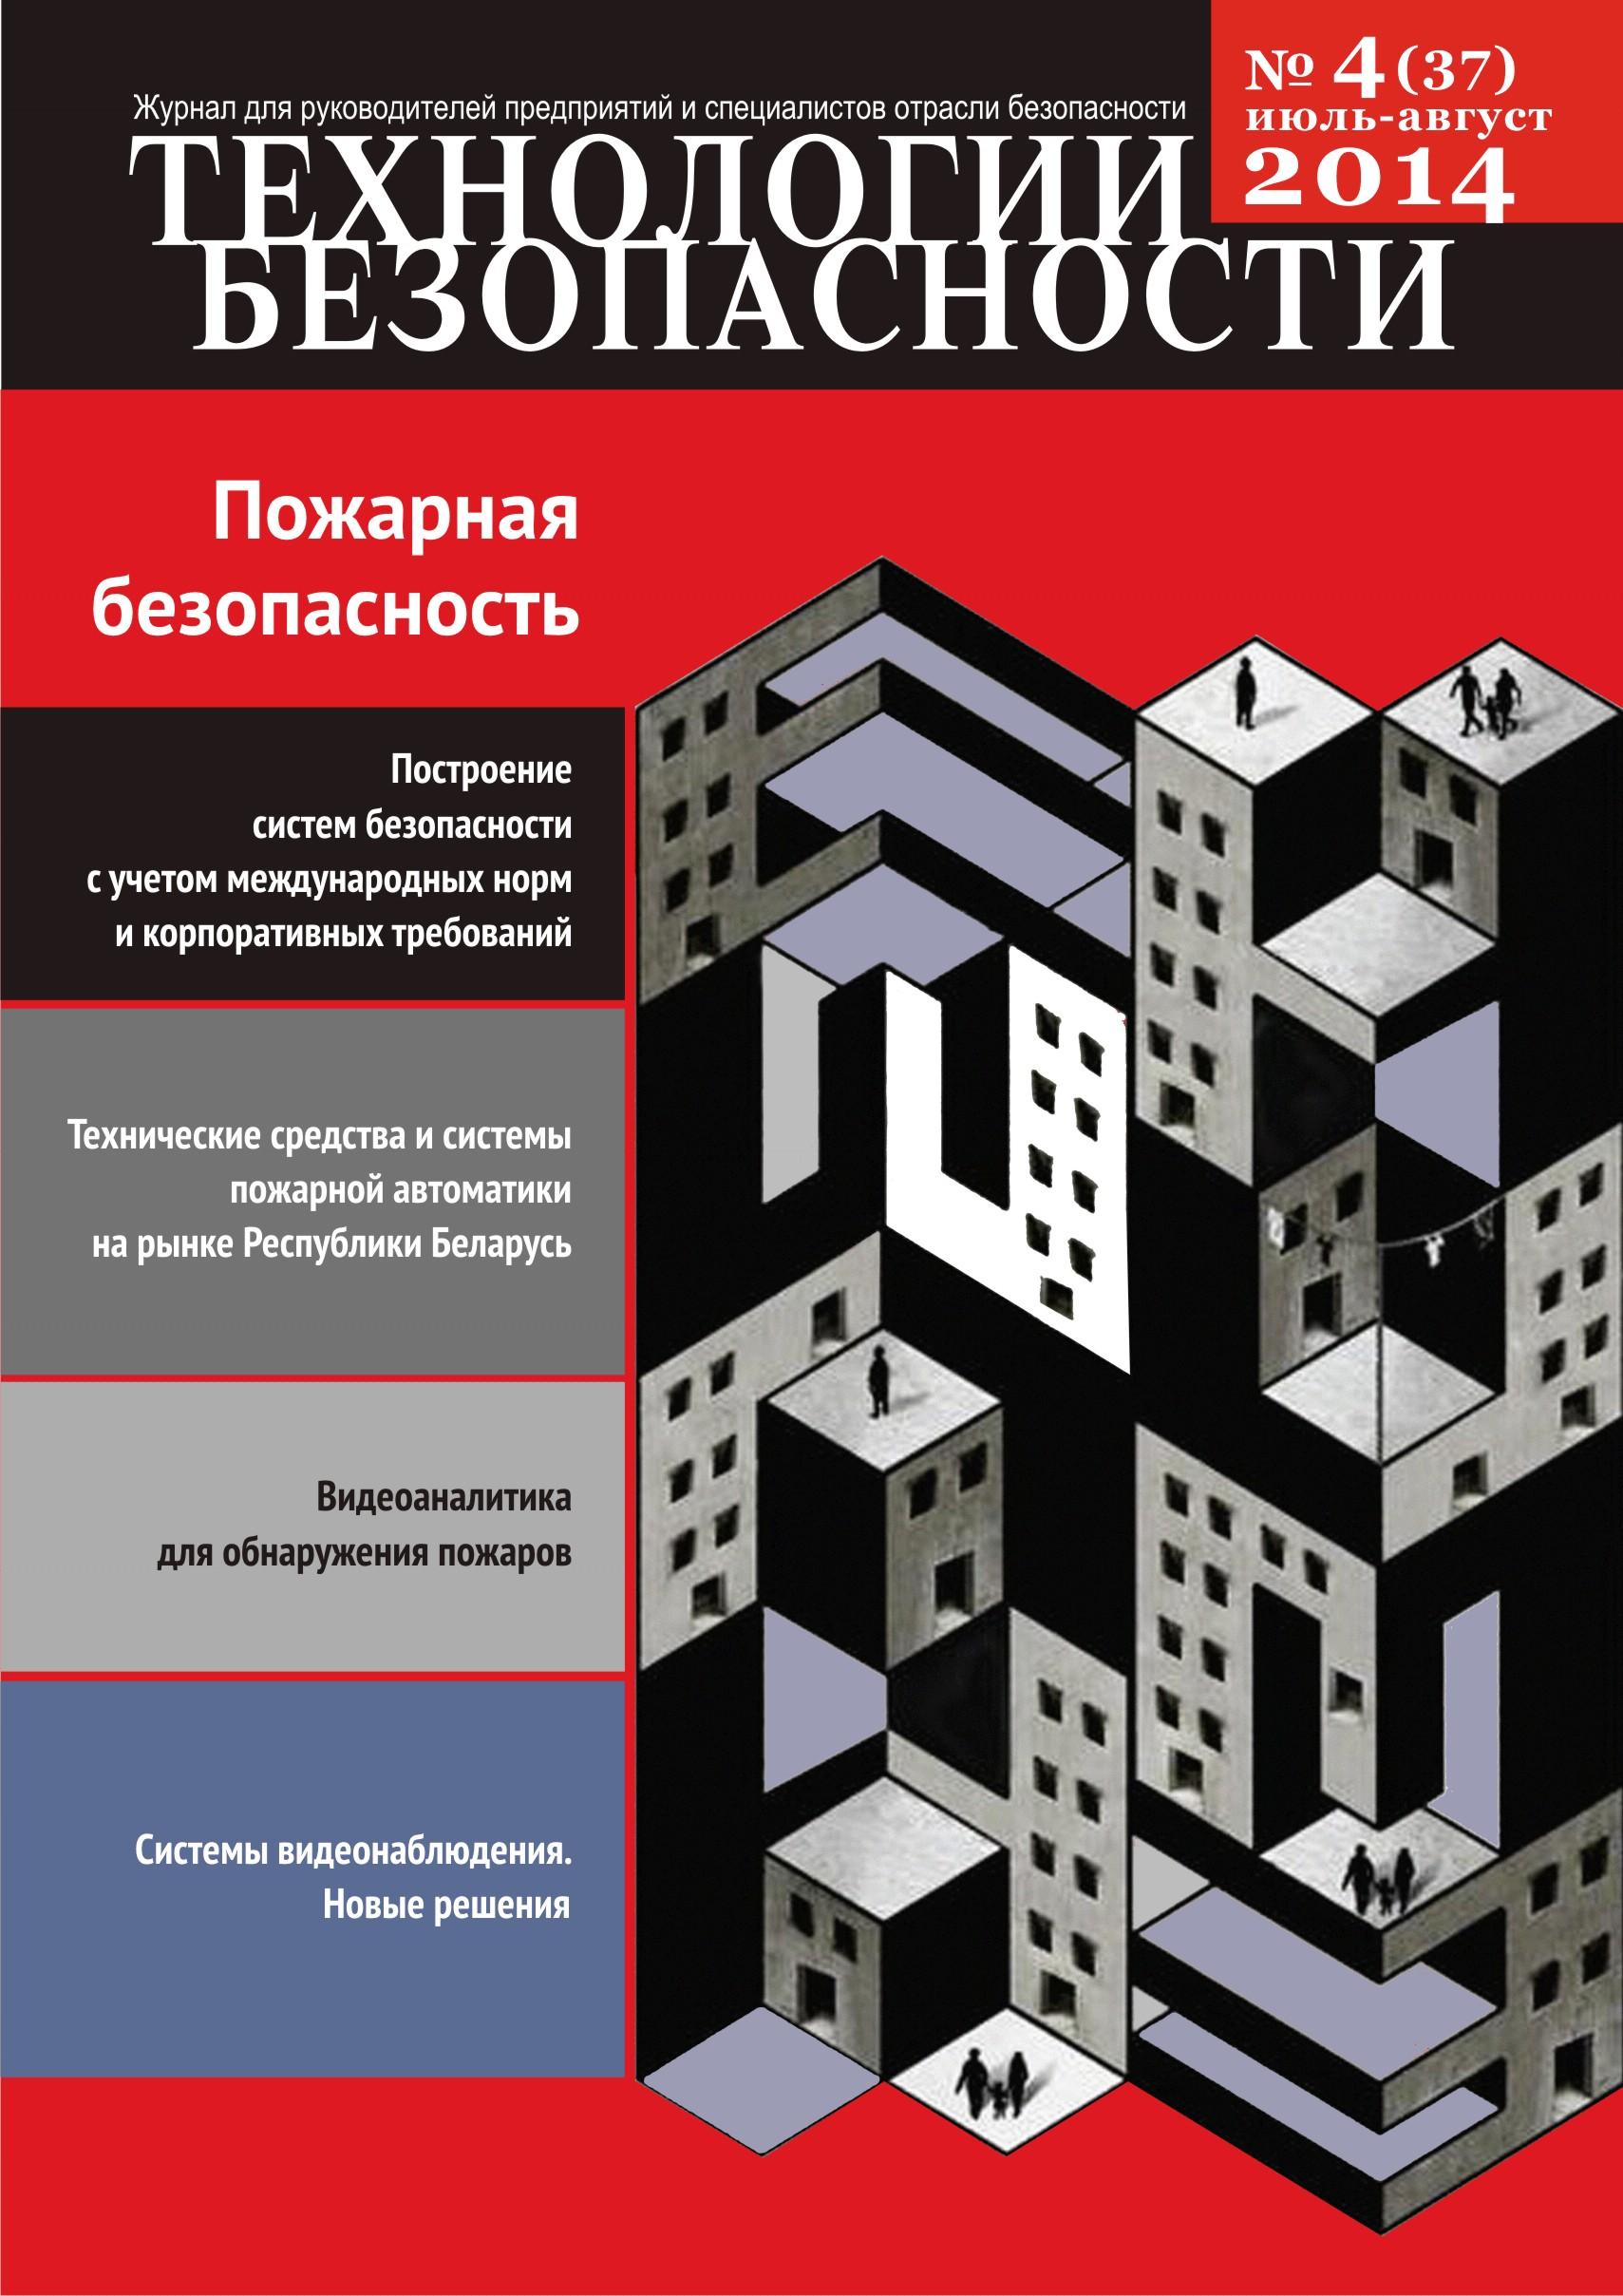 Новости портала правительства новгородской области